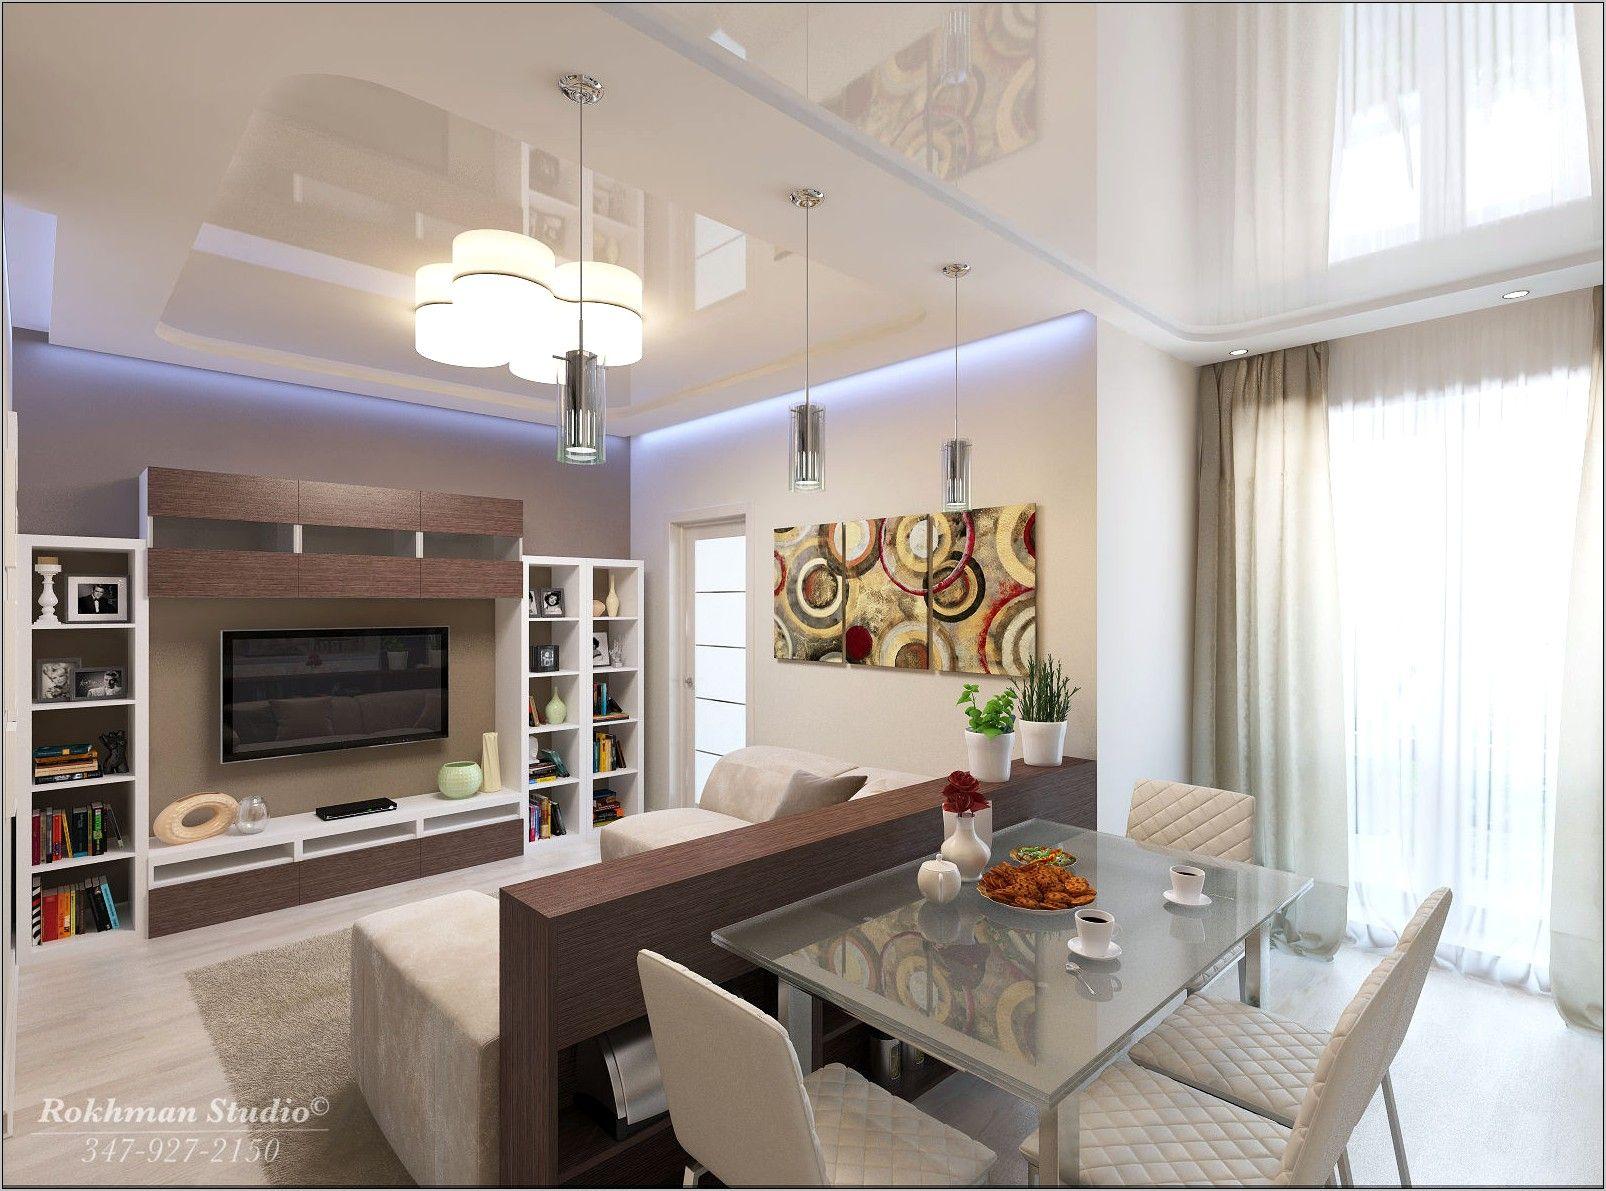 Condo Dining Room Ideas In 2020 Living Room Dining Room Combo Living Dining Combo Small Living Dining